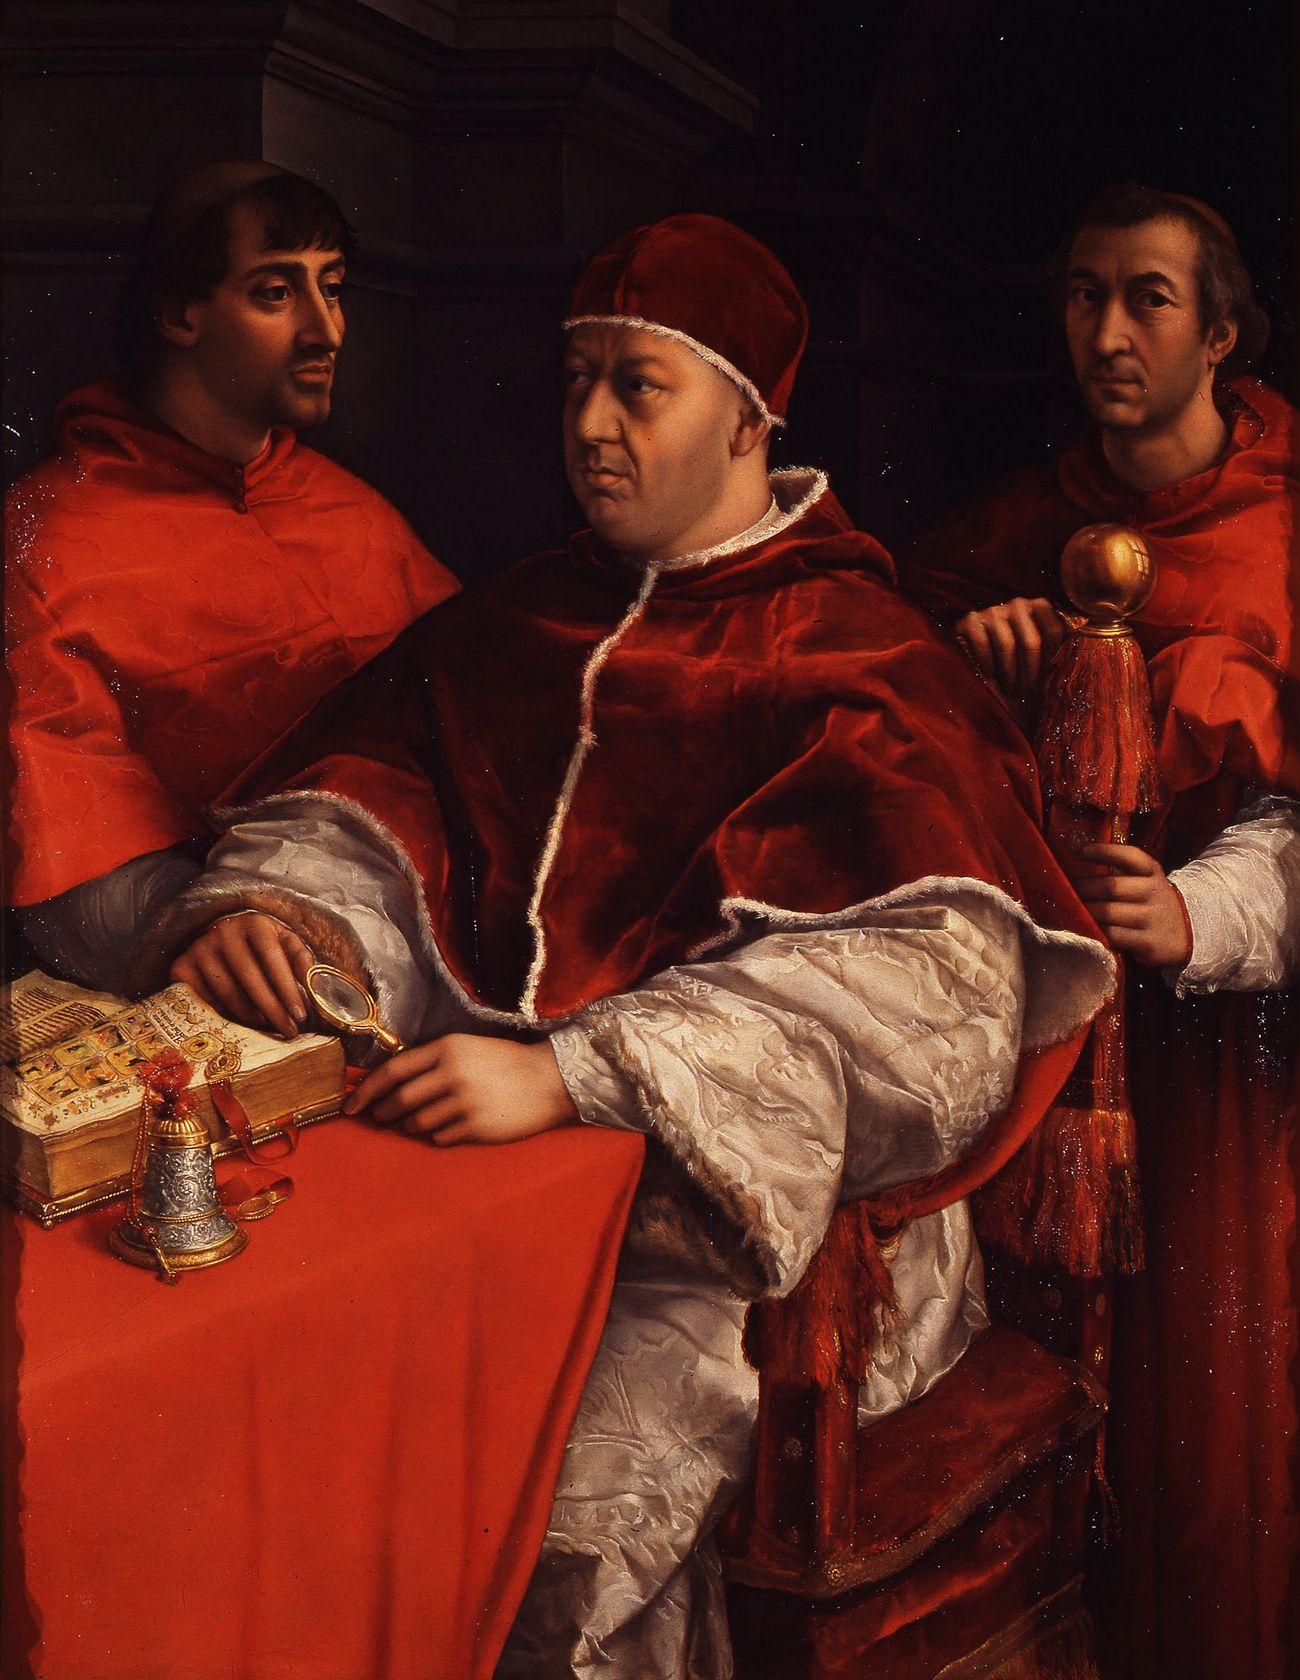 Zygmunt zadbał, aby to właśnie Jan został wyznaczony prze papieża Leona X (na portrecie pędzla Rafaela) na kolejnego biskupa Wileńskiego.